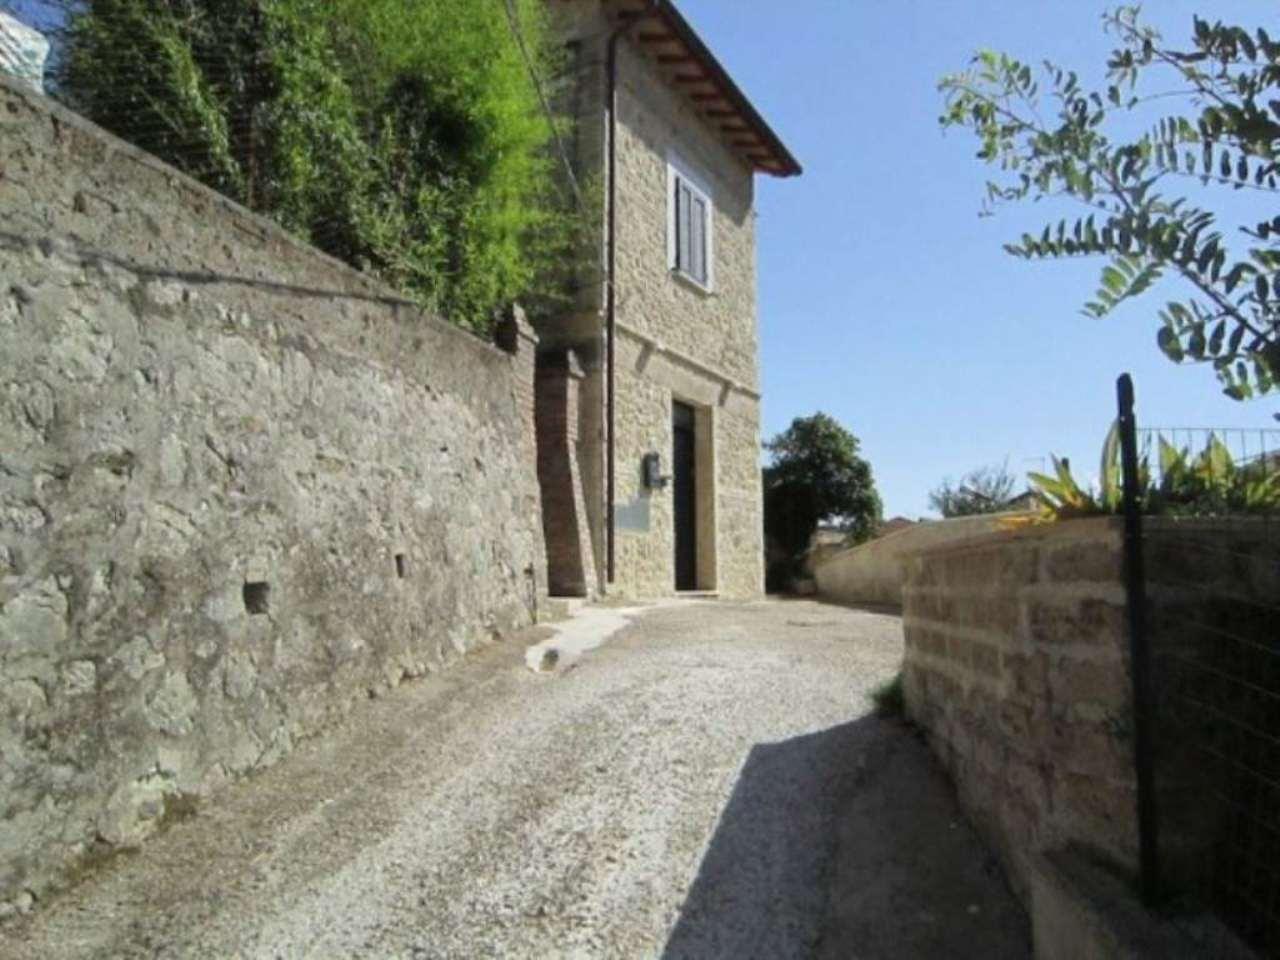 Soluzione Indipendente in vendita a Montebuono, 9999 locali, prezzo € 140.000 | Cambio Casa.it